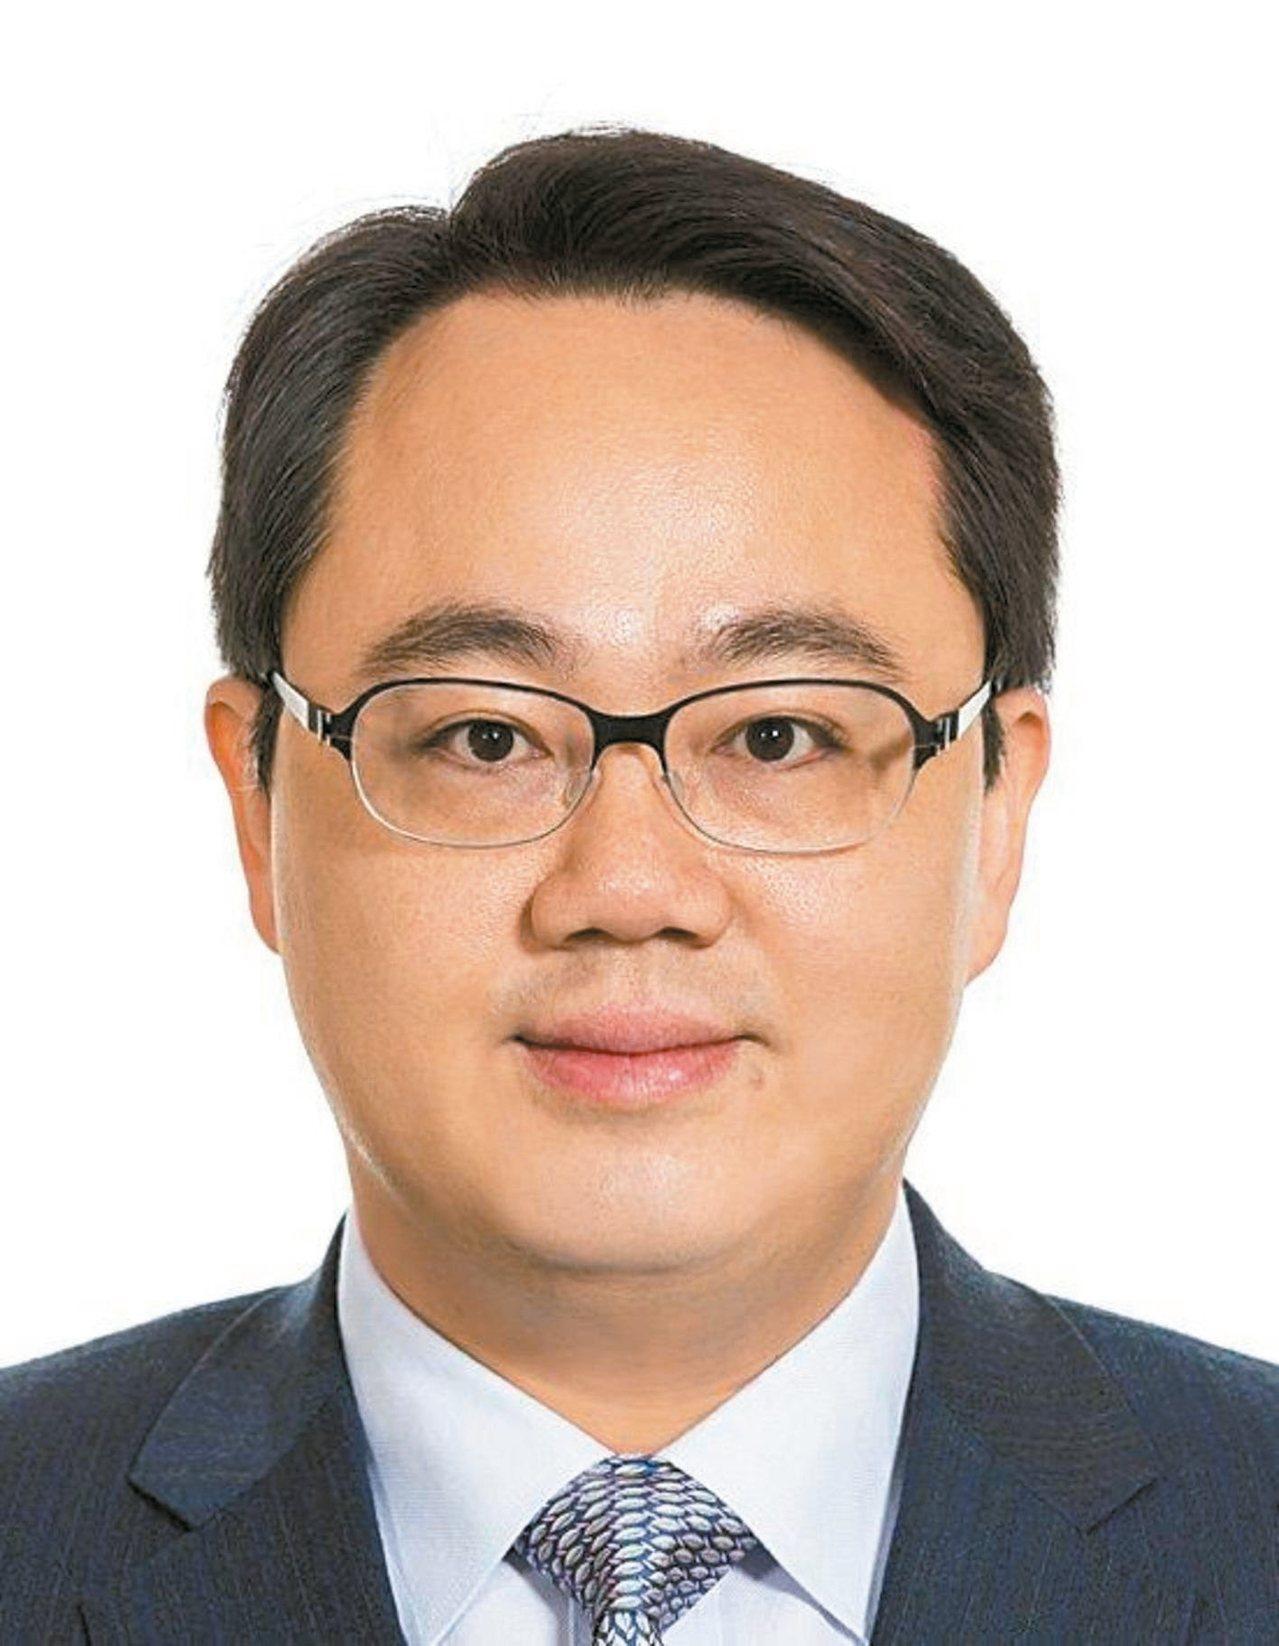 台灣期貨交易所副總經理蔡蒔銓 期交所/提供